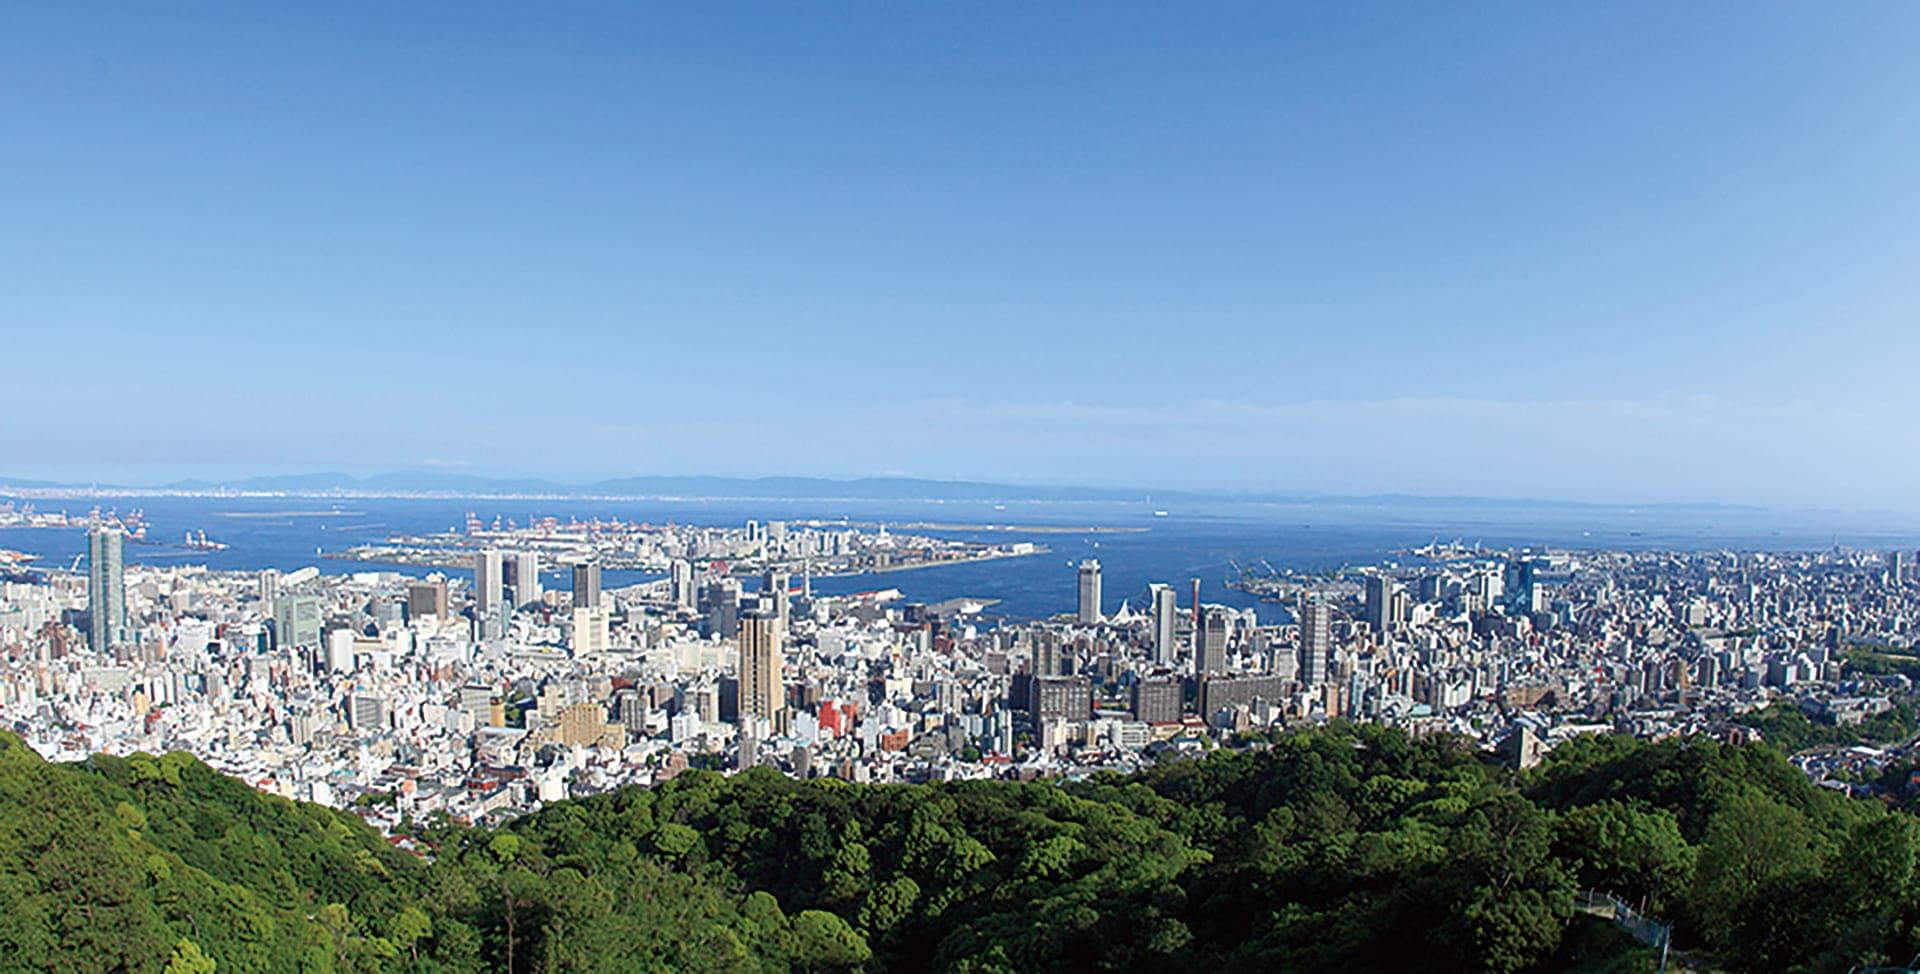 六甲山行きの急行バスから見た六甲山の緑の先には神戸の街並み。その奥には海が見えます。